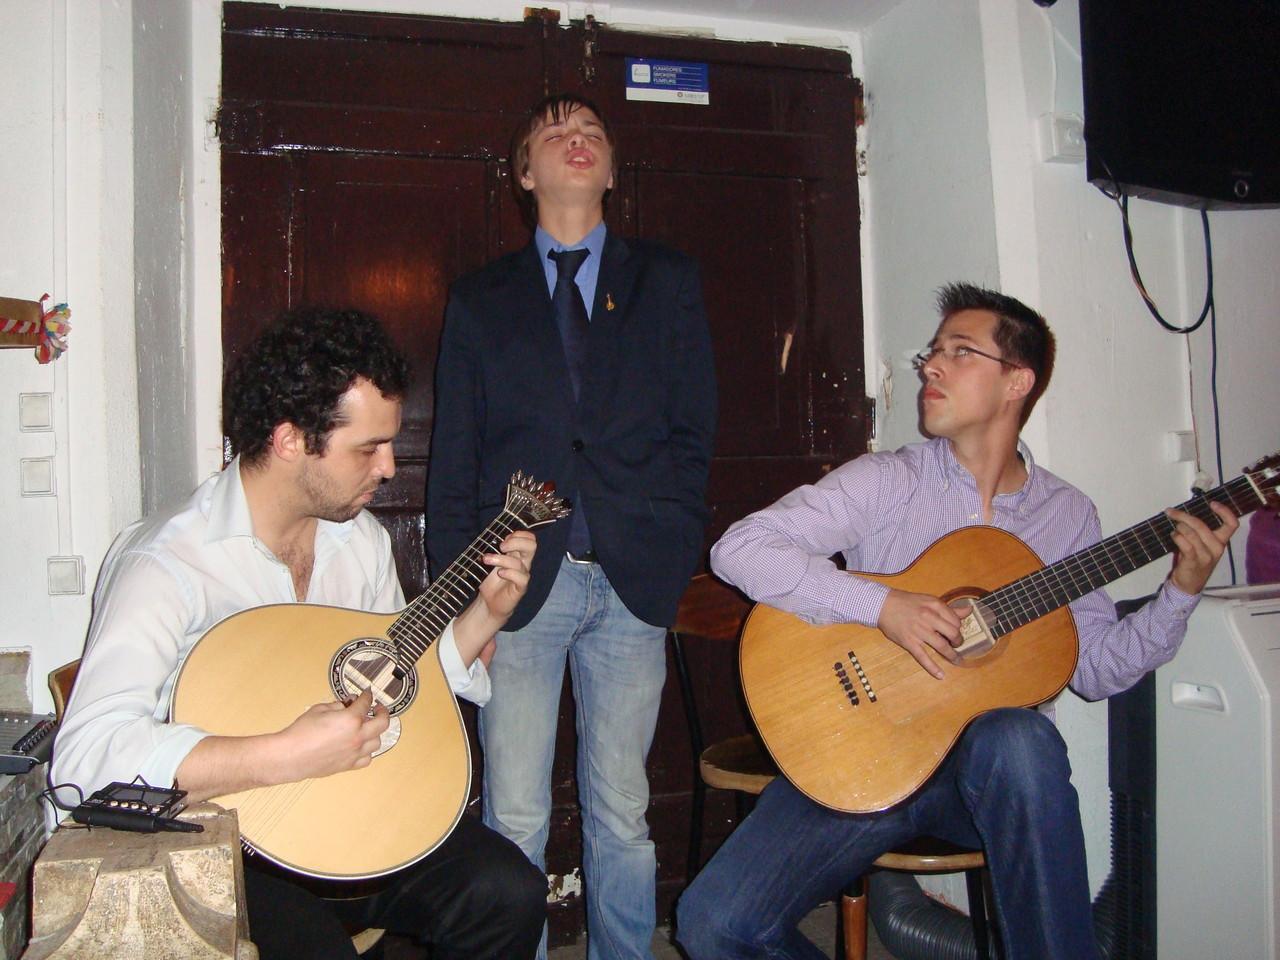 オトコマエです。ちなみに右のヴィオラさんは私がリスボンでも特に好きなギタリストです♪♪